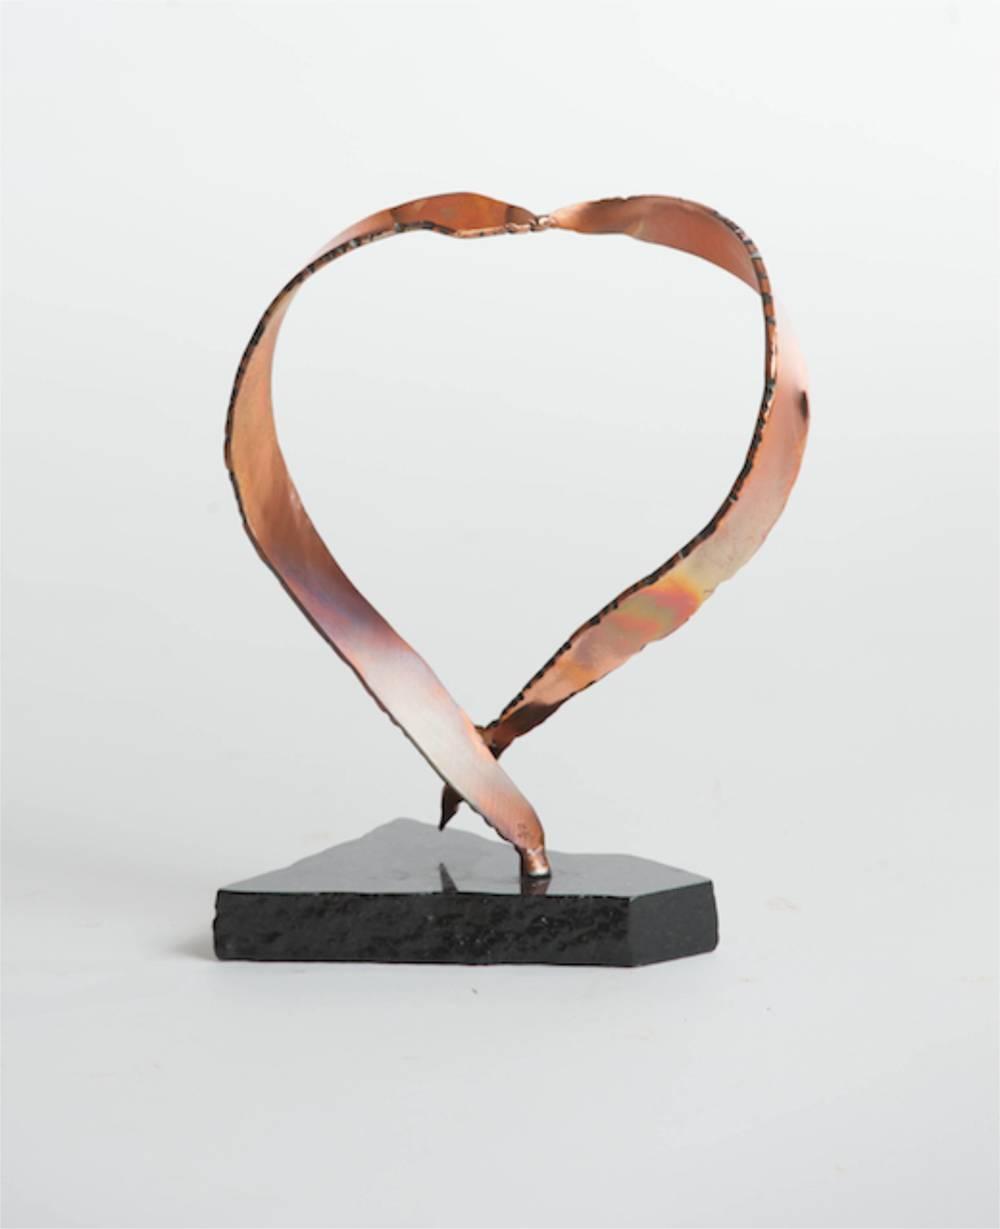 Timeless heart copper sculpture